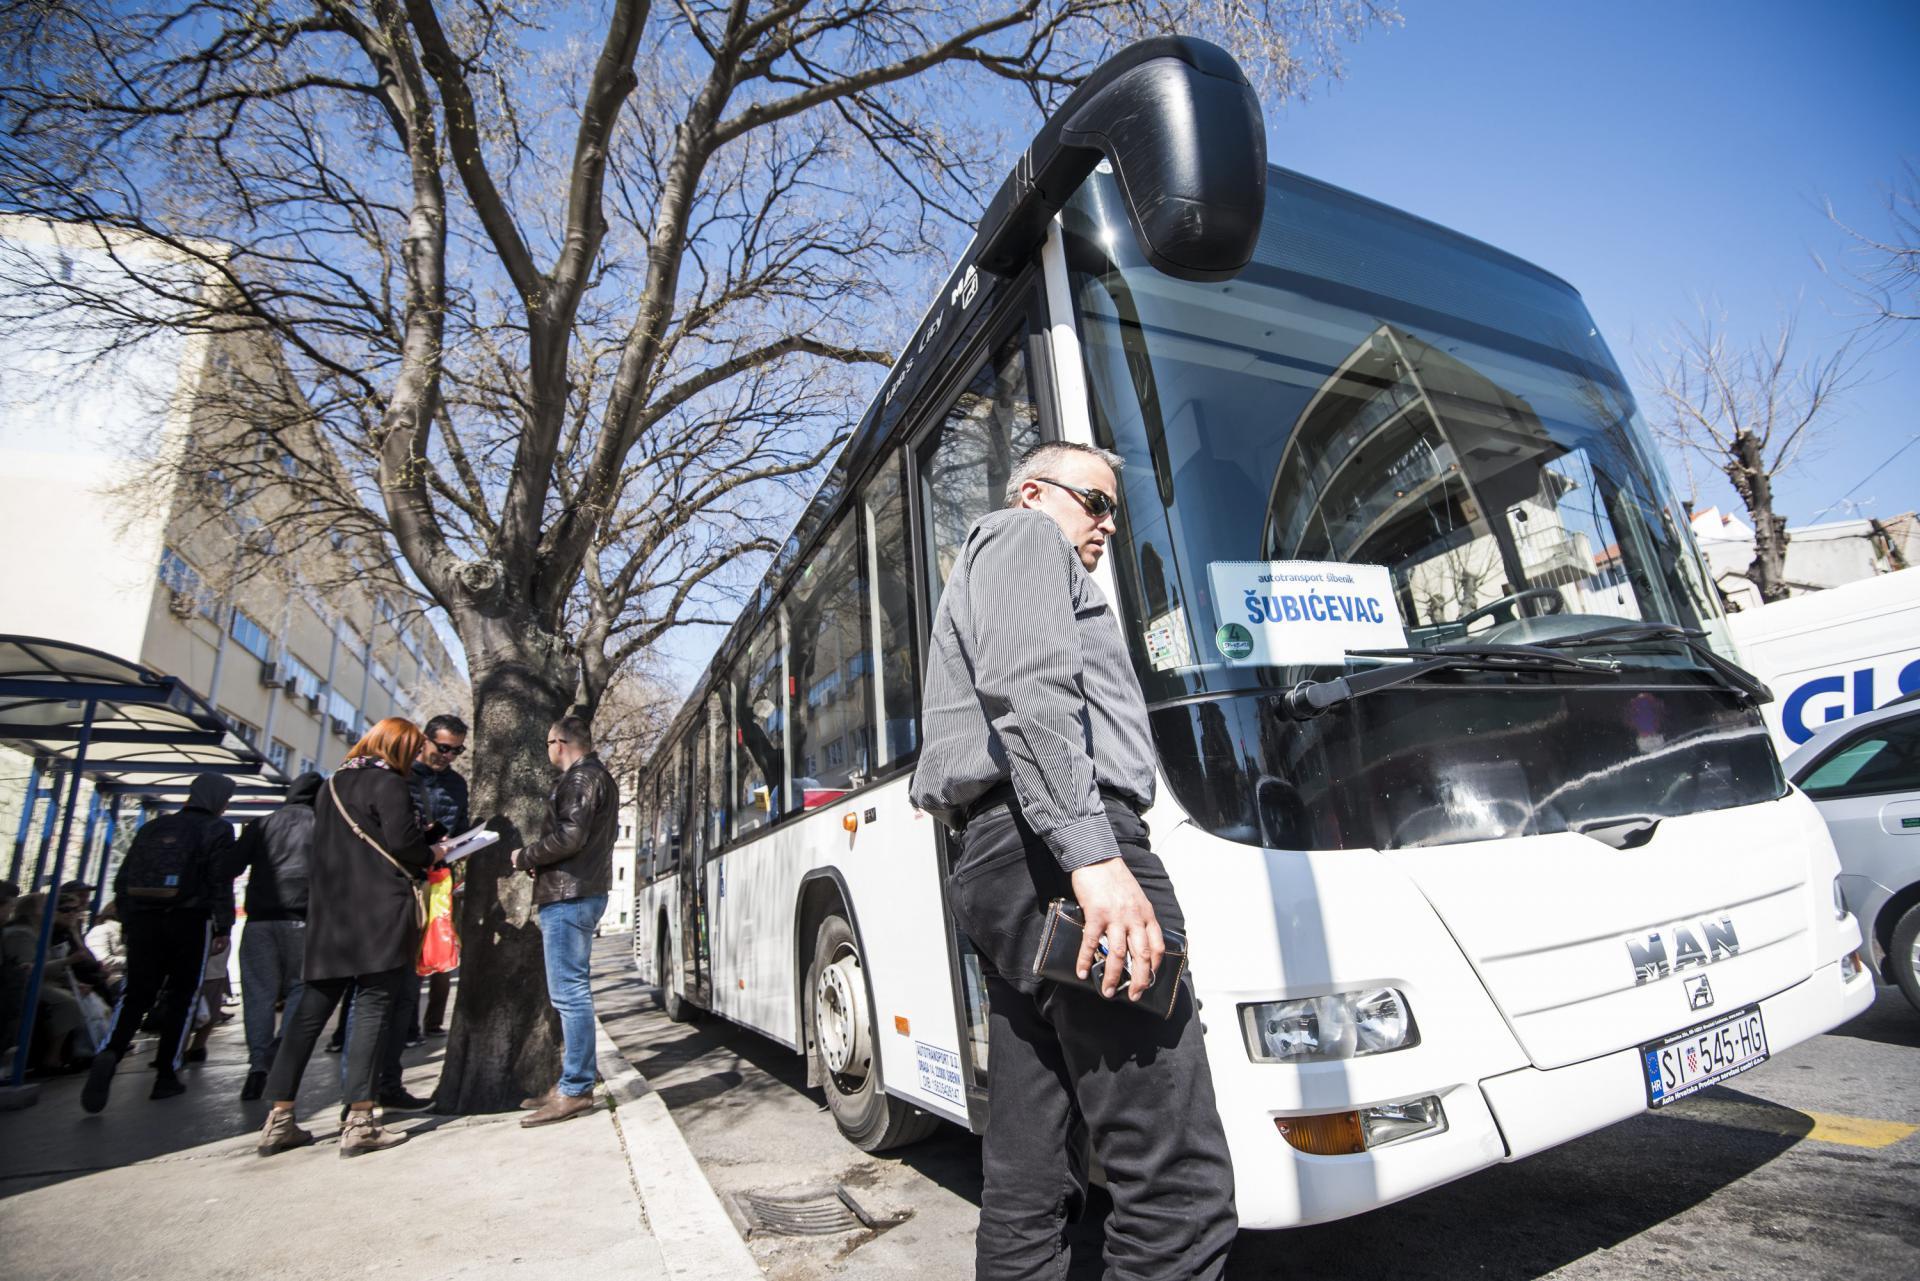 Da li će Šibenik konačno dobiti pouzdan gradski prijevoz?